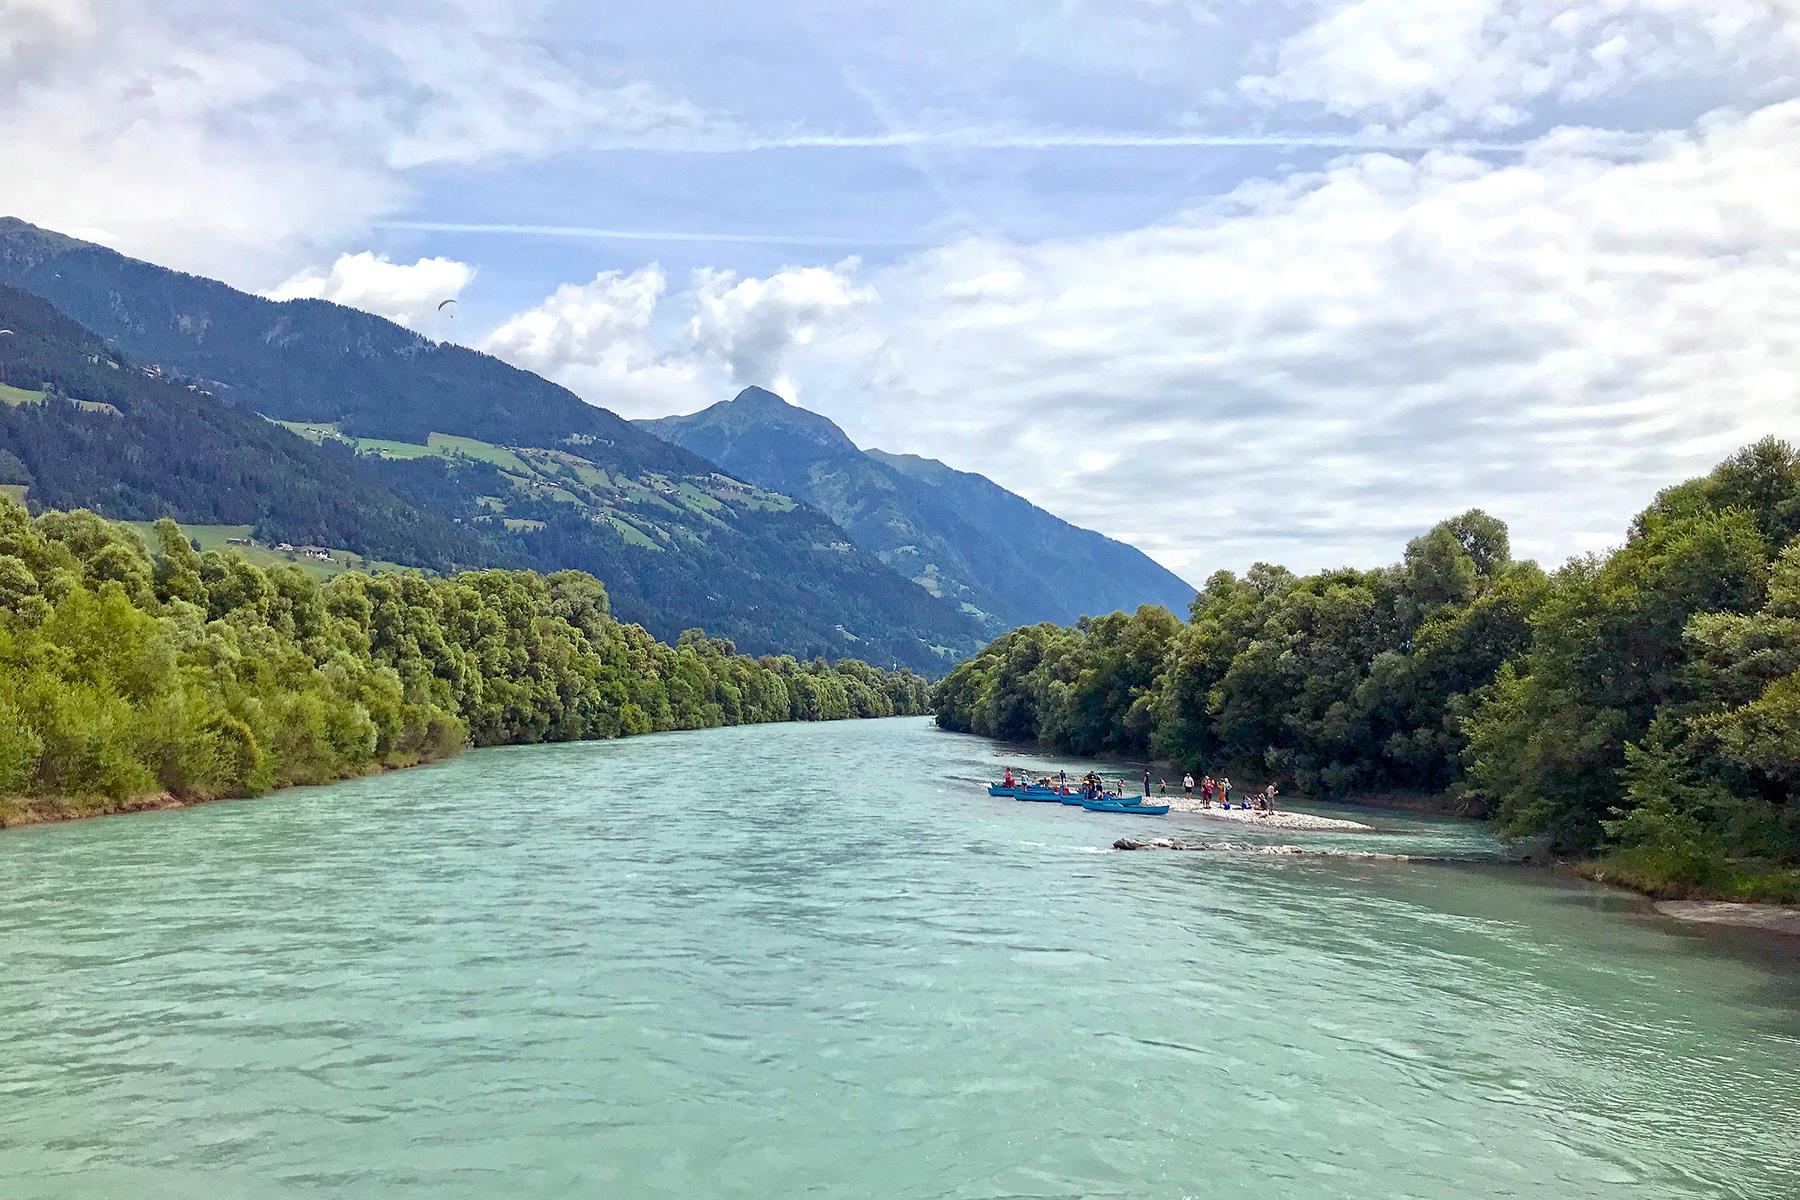 Kärnten für alle Sinne (Teil 6): Alles fließt am Drauradweg und am Draupaddelweg